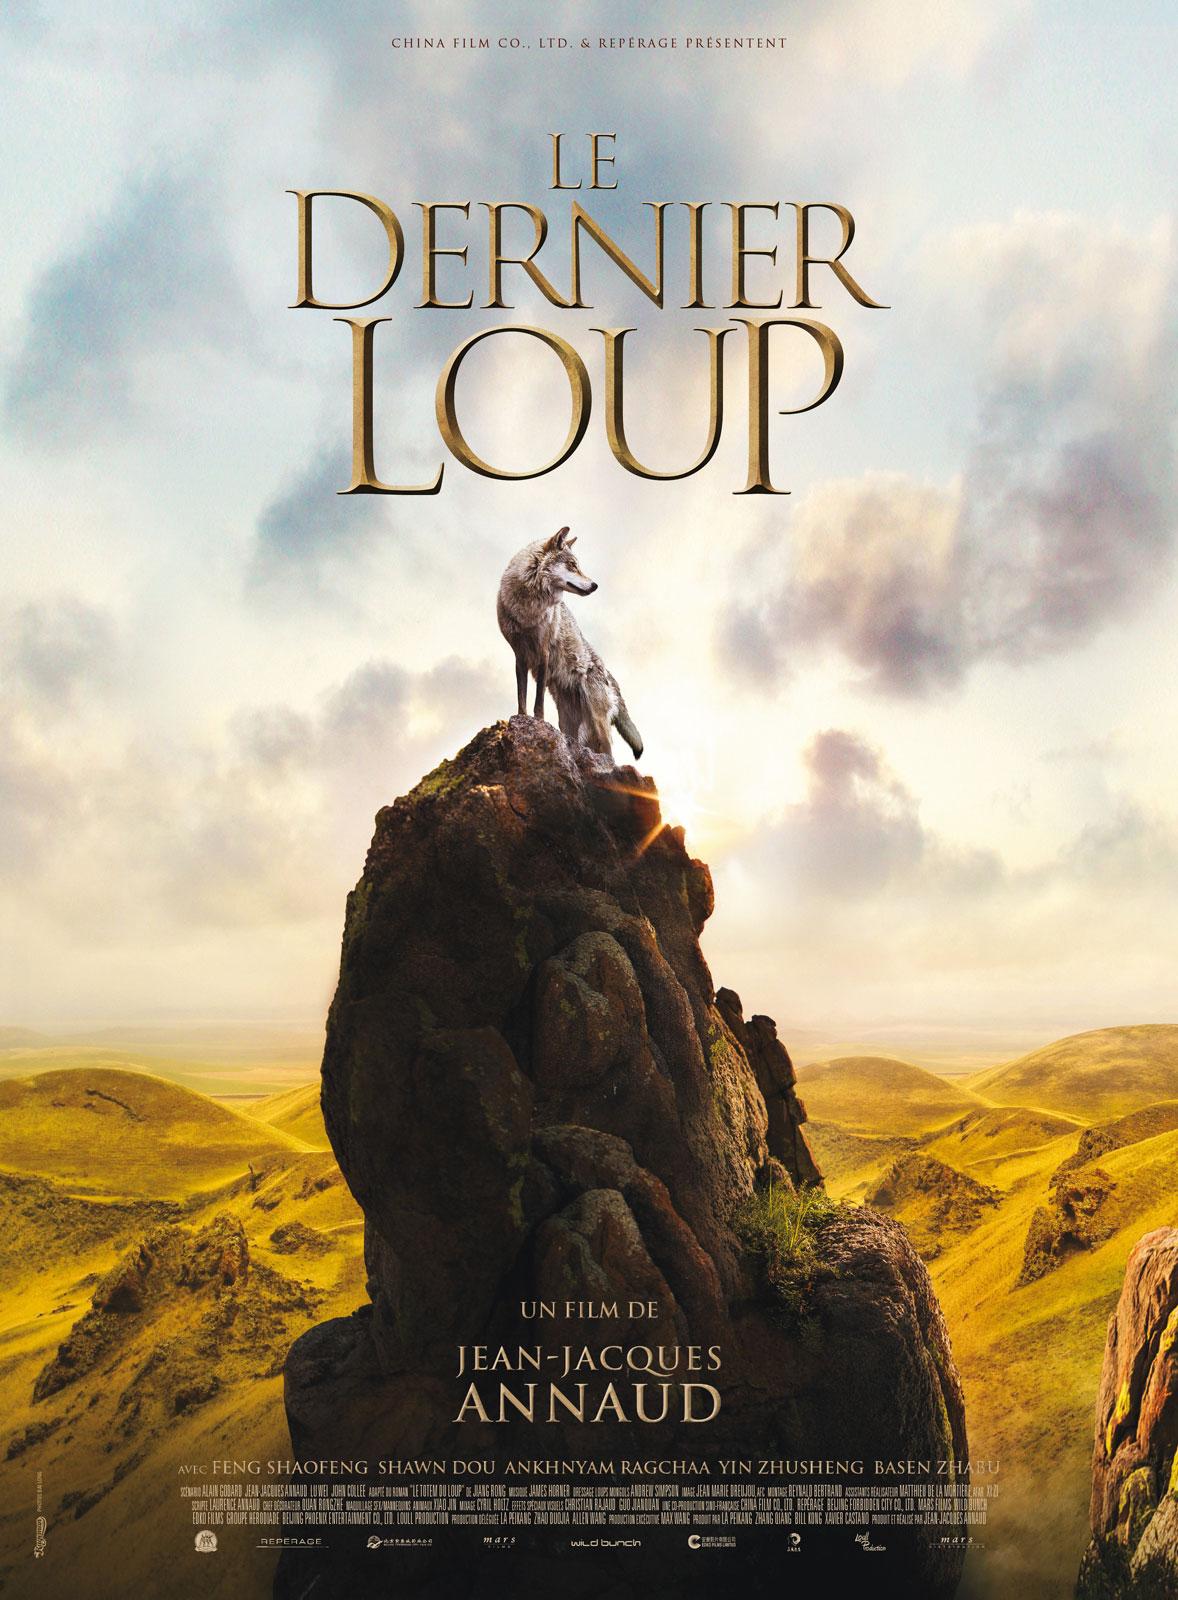 Le Dernier Loup Wolf-le-dernier-loup-jean-jacques-annaud-poster